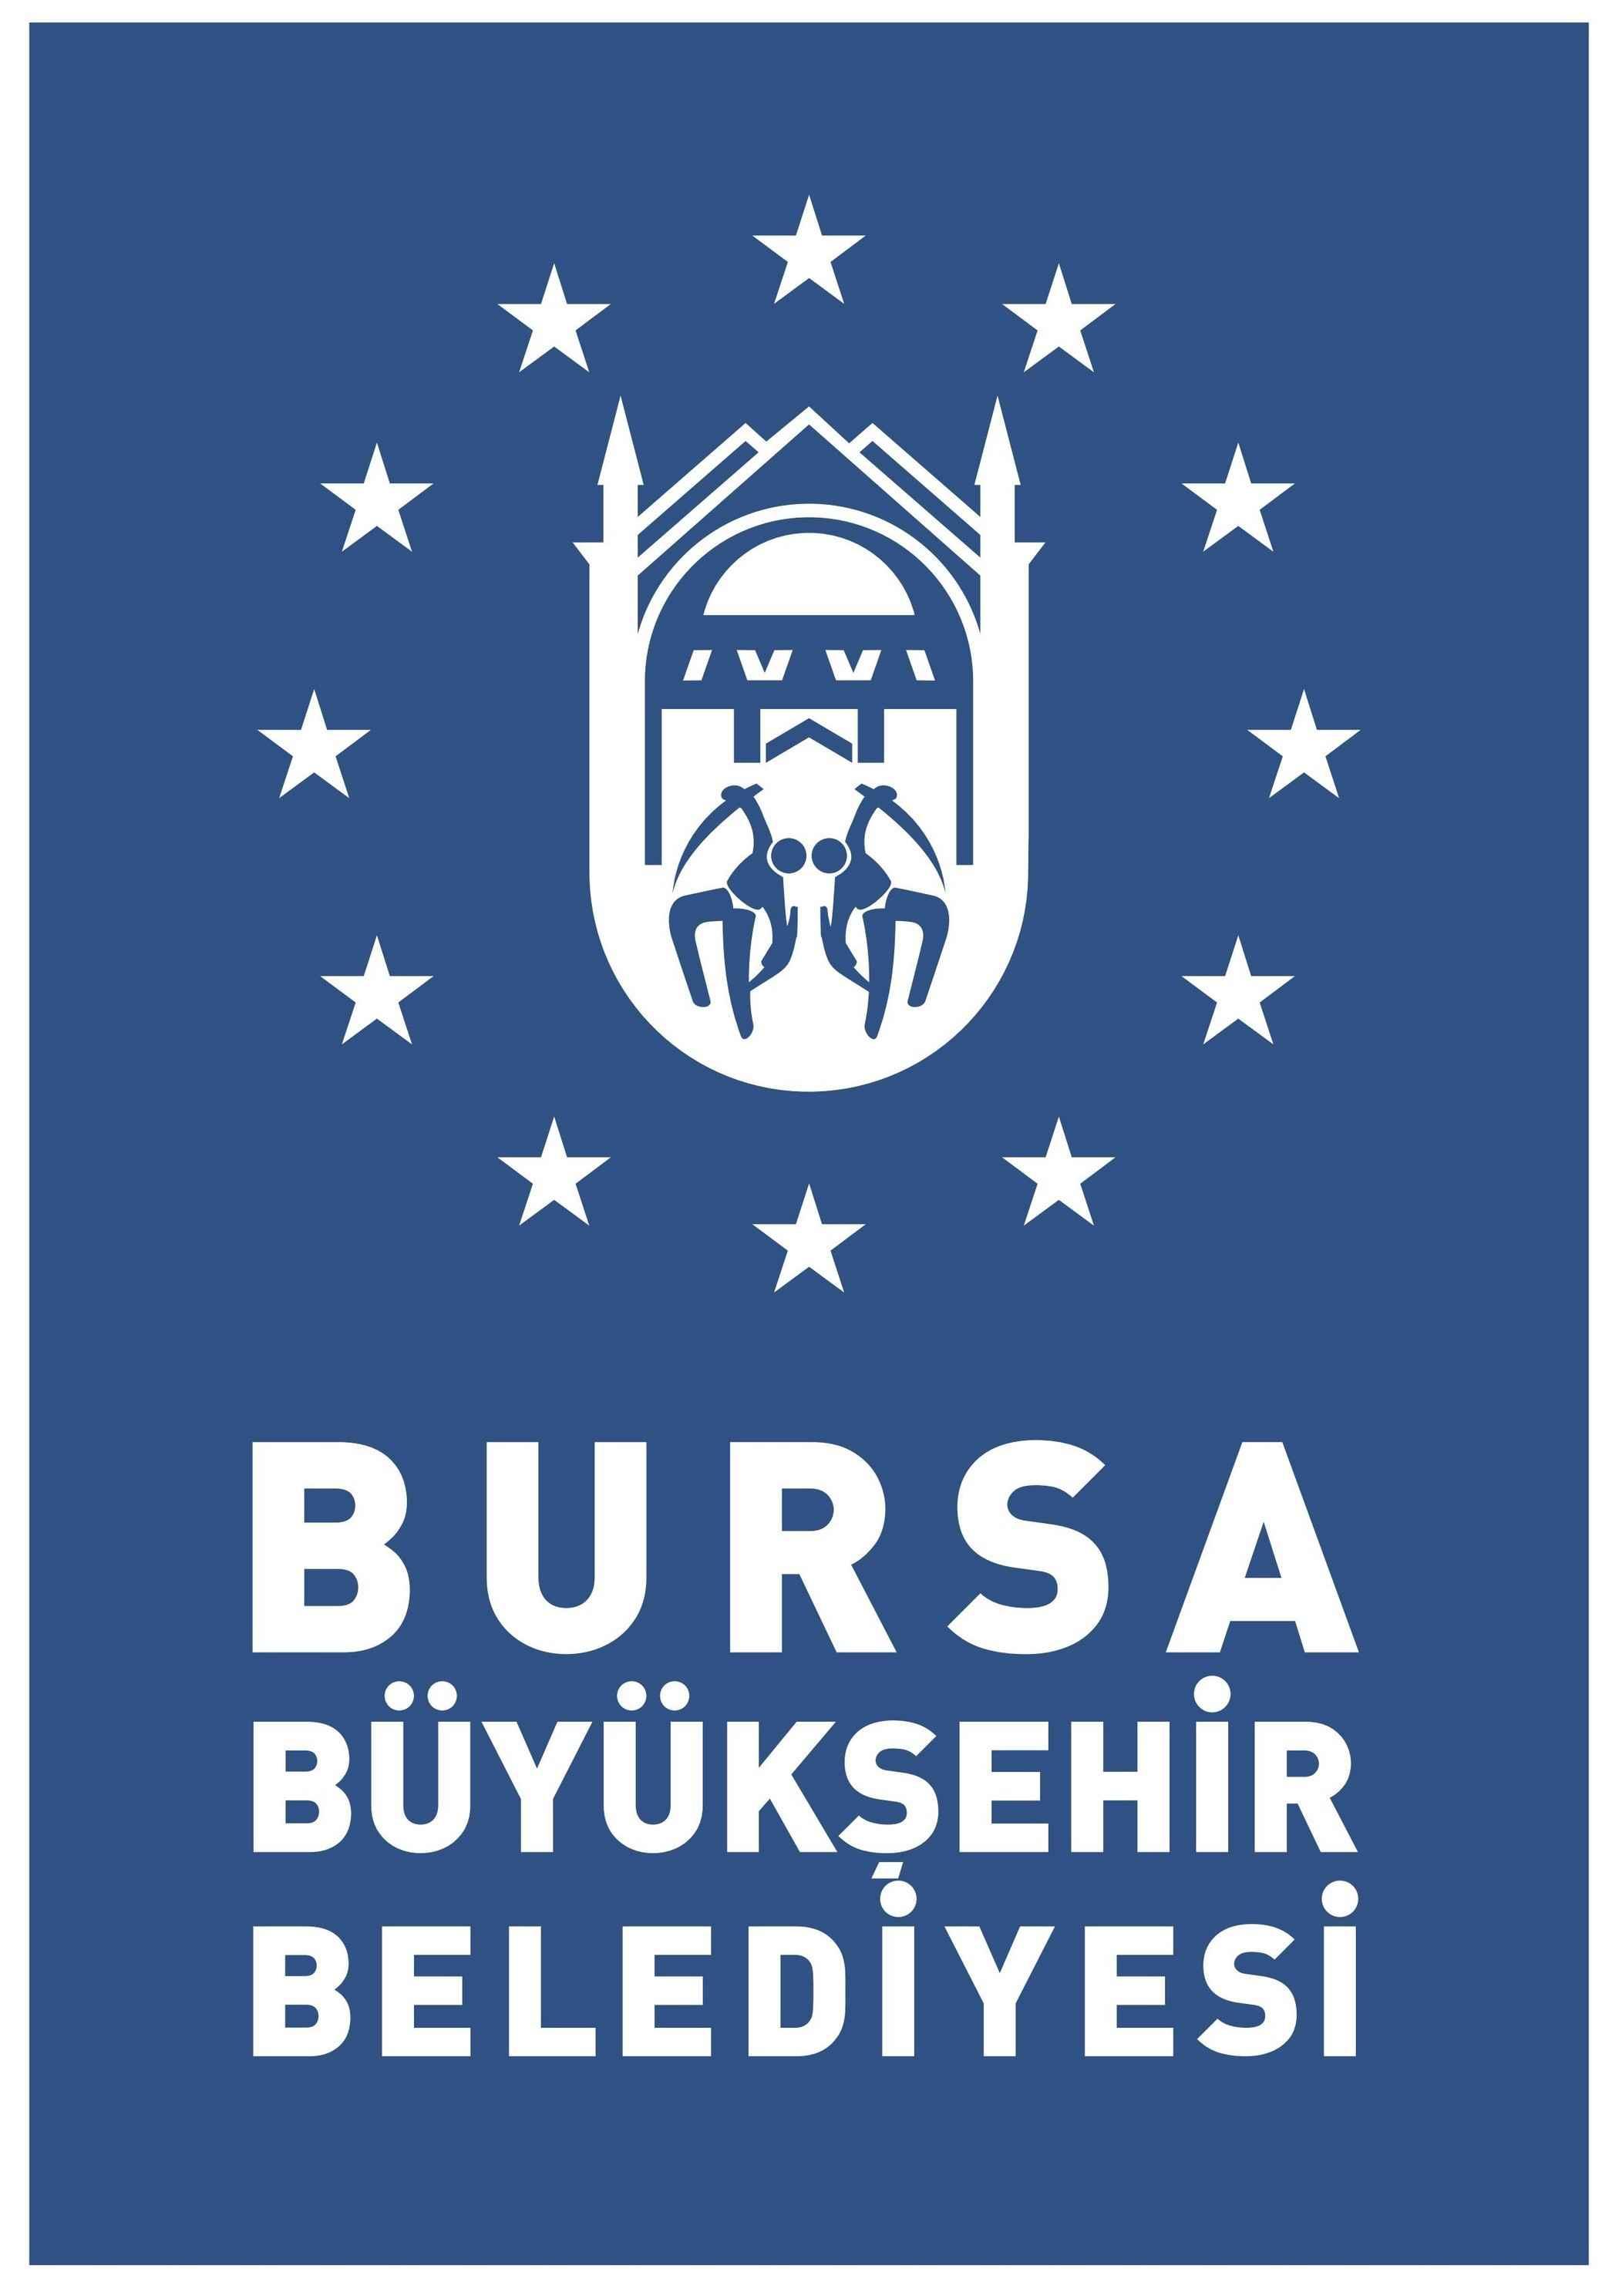 bursa-buyuksehir-belediyesi-logo